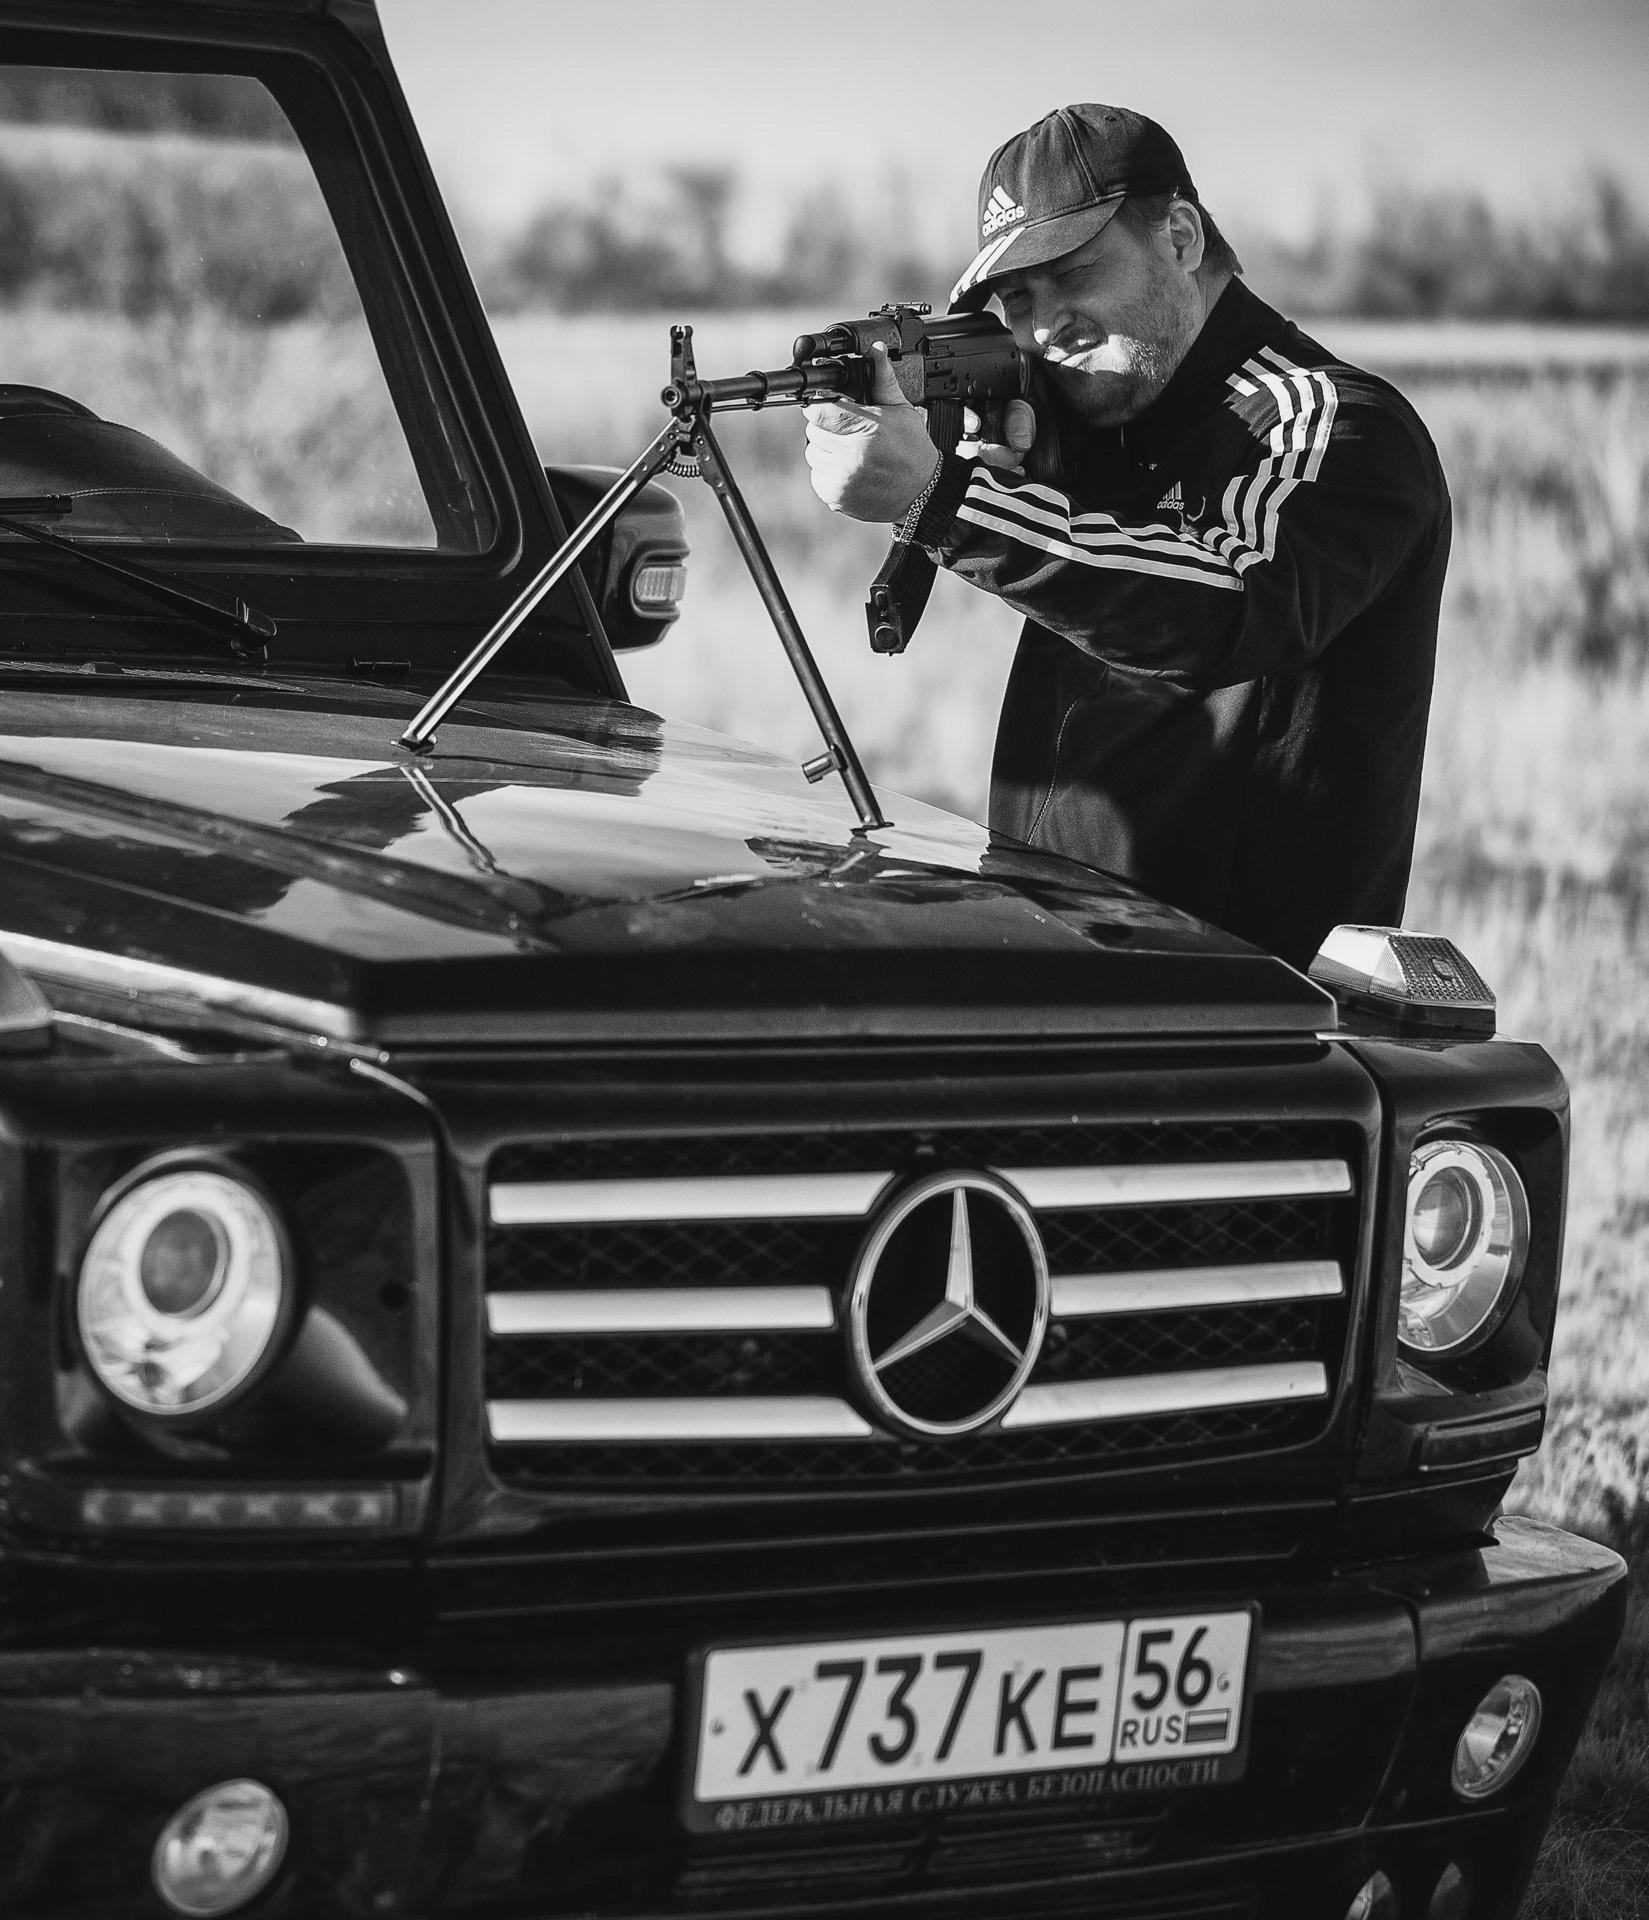 Картинки крутых пацанов в машинах